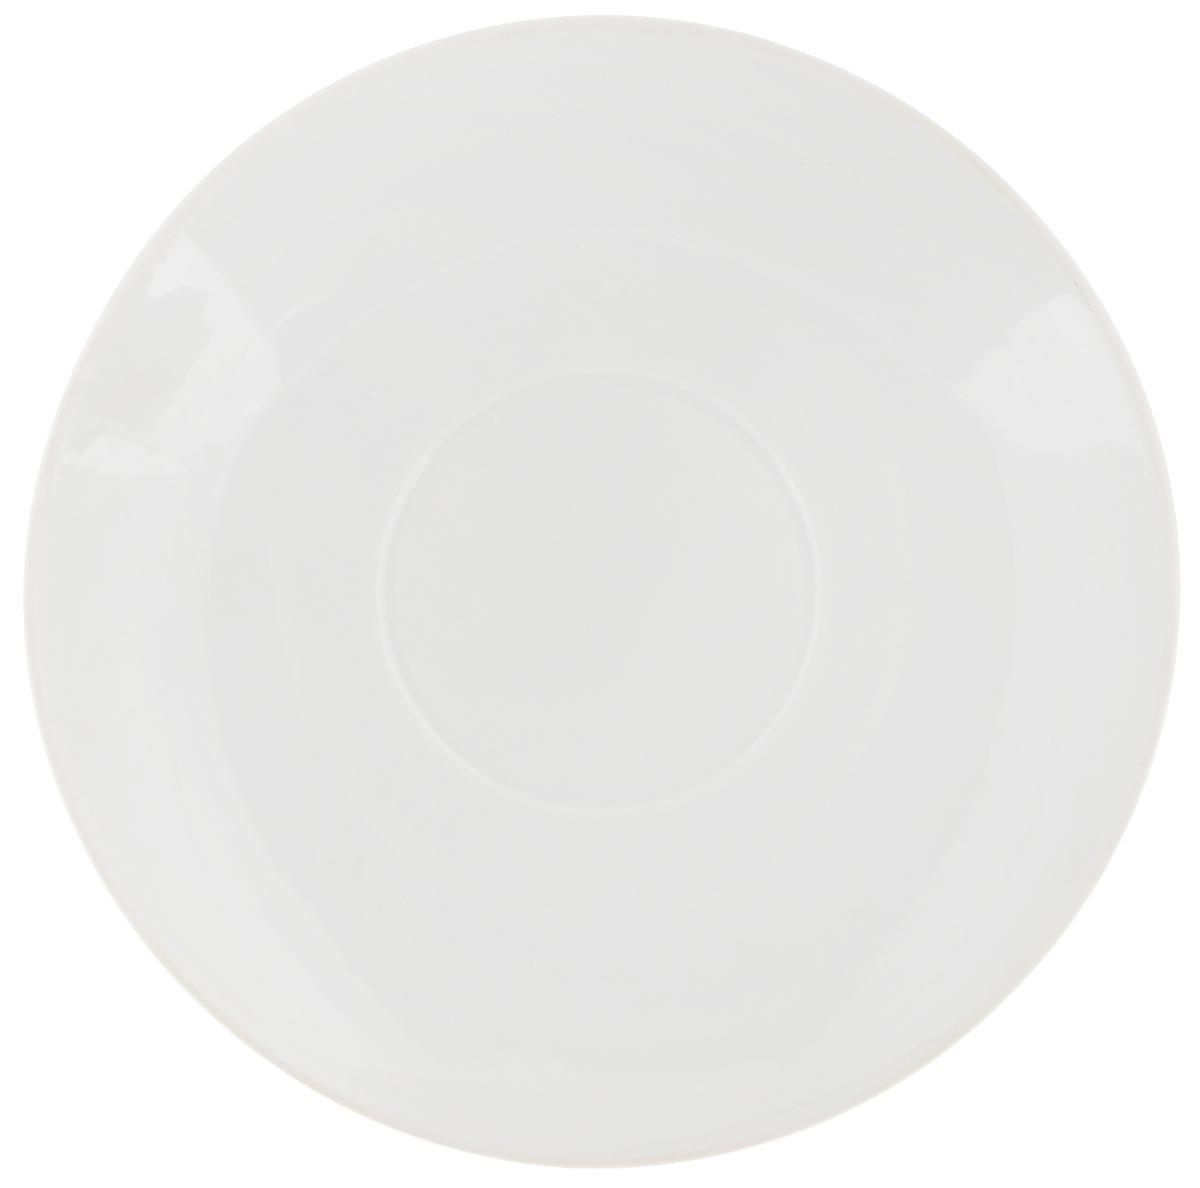 Блюдце Фарфор Вербилок, цвет: белый, диаметр 11 см3954000ББлюдце Фарфор Вербилок, изготовленная из высококачественного фарфора, имеет классическую круглую форму. Оригинальный дизайн придется по вкусу и ценителям классики, и тем, кто предпочитает утонченность. Блюдце Фарфор Вербилок идеально подойдет для сервировки стола и станет отличным подарком к любому празднику.